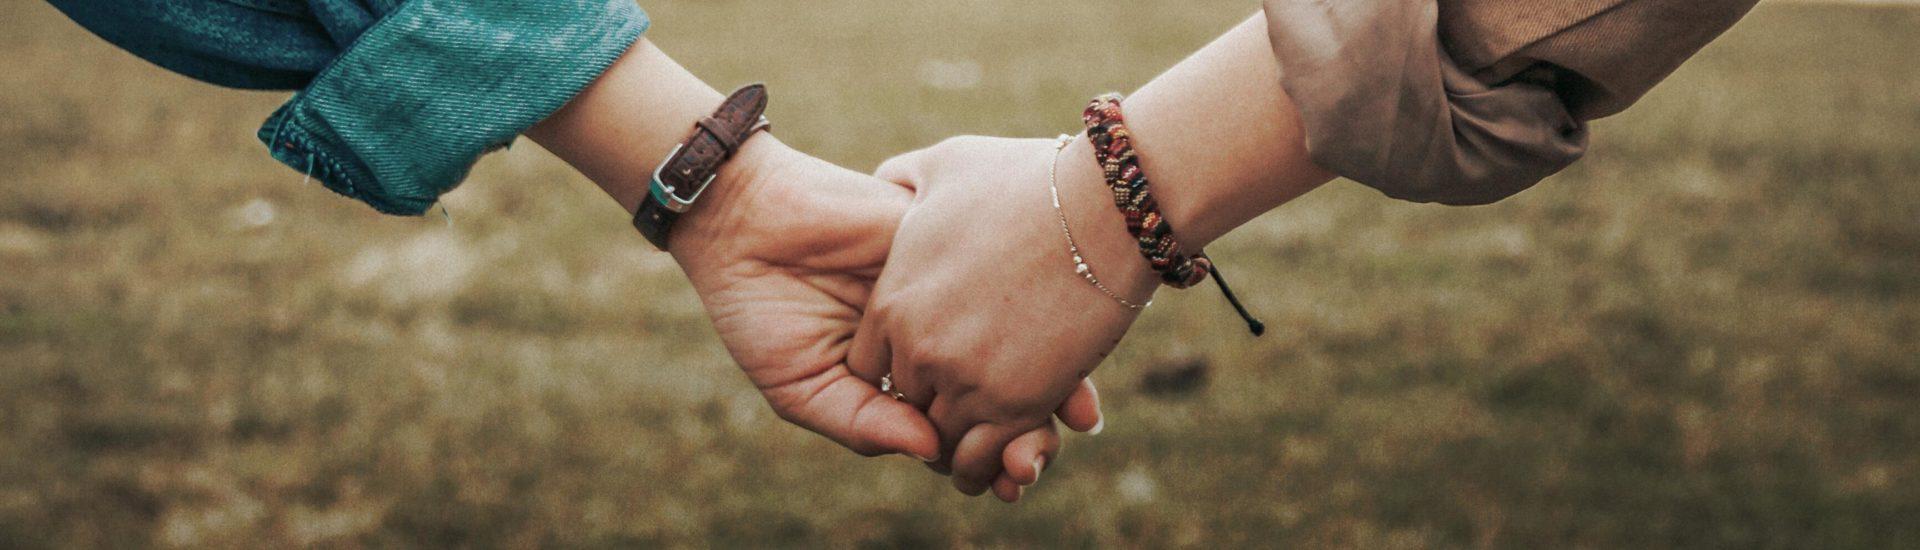 Freundschaft händchen halten nur Mit fremdenMädchen